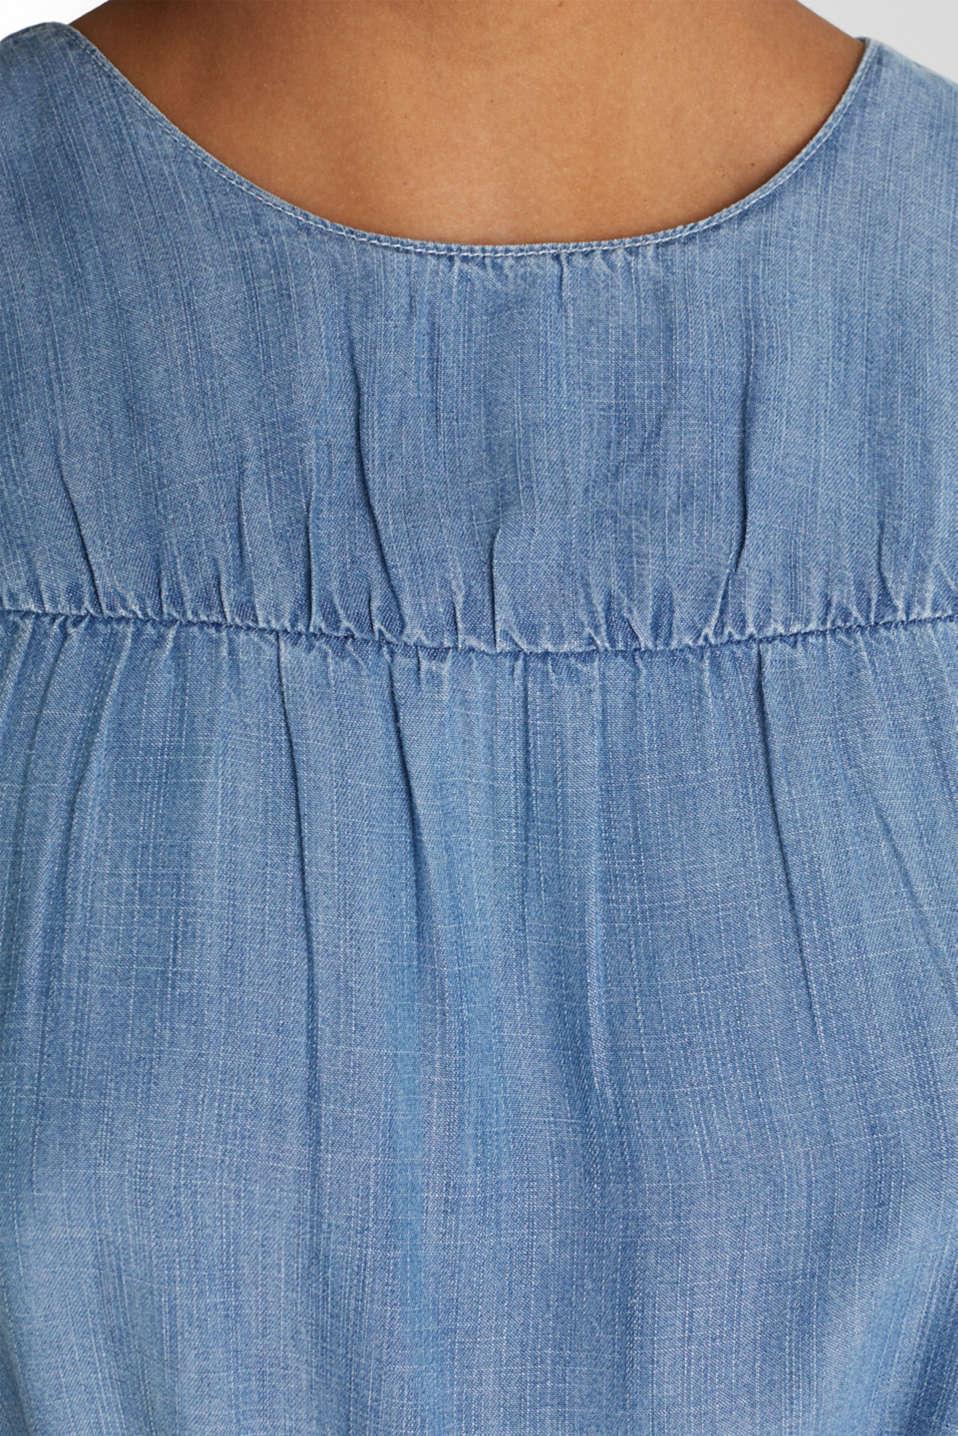 Denim dress made of lyocell, BLUE LIGHT WASH, detail image number 4